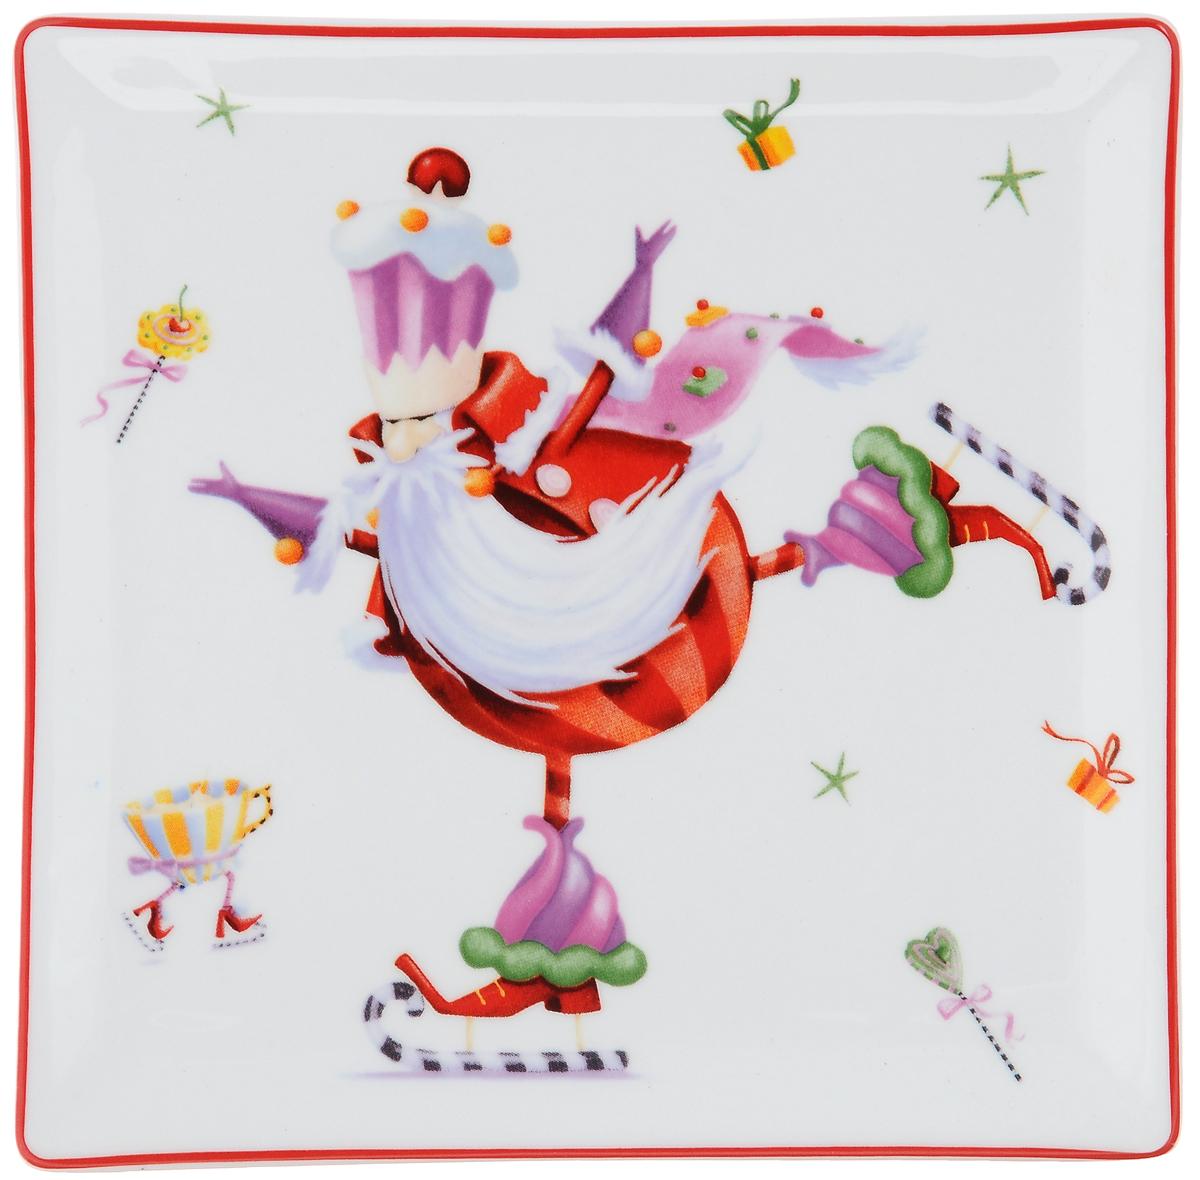 Блюдо Azulejo Espanol Merry Santa, квадратное, 15 х 15 см216744-1506..Блюдо Azulejo Espanol Merry Santa квадратной формы изготовлено из качественной глазурованной керамики. Изделие декорировано забавными новогодними рисунками. Такое блюдо предназначено для сервировки нарезок, закусок, солений. Оно красиво дополнит сервировку стола и станет полезным приобретением для любой хозяйки. Не рекомендуется использовать в микроволновой печи и мыть в посудомоечной машине.